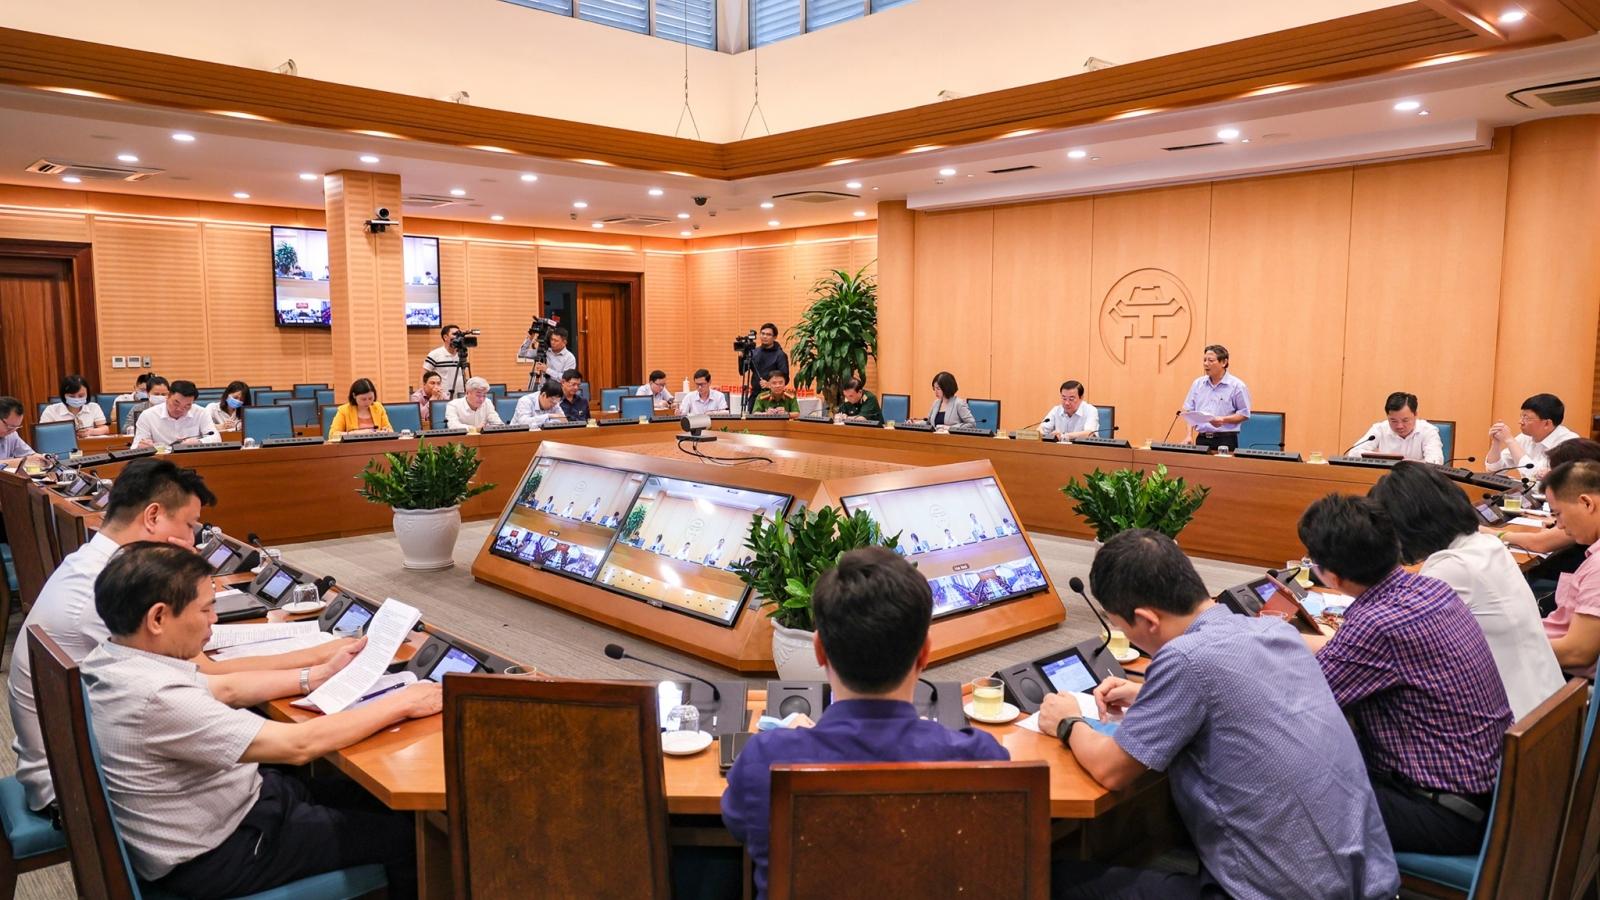 Các quận, huyện, cơ quan của Hà Nội phải trực 24/7 để tăng tốc truy vết, dập dịch